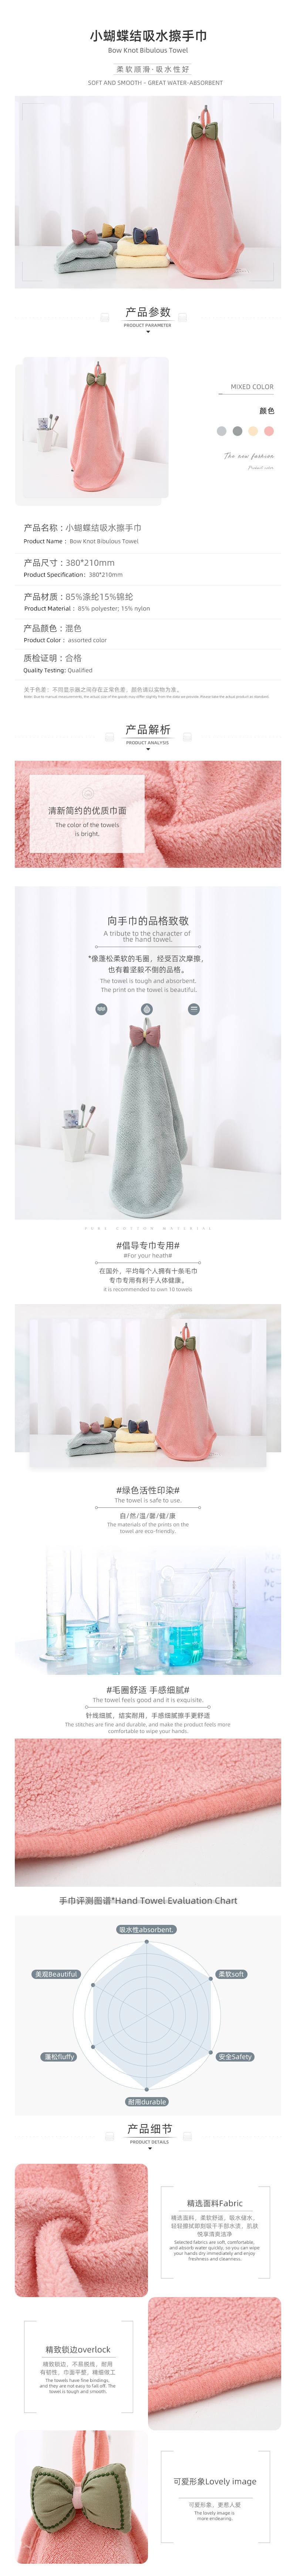 Bow Knot Bibulous Towel /></p> </div> </div> </div> <div class=